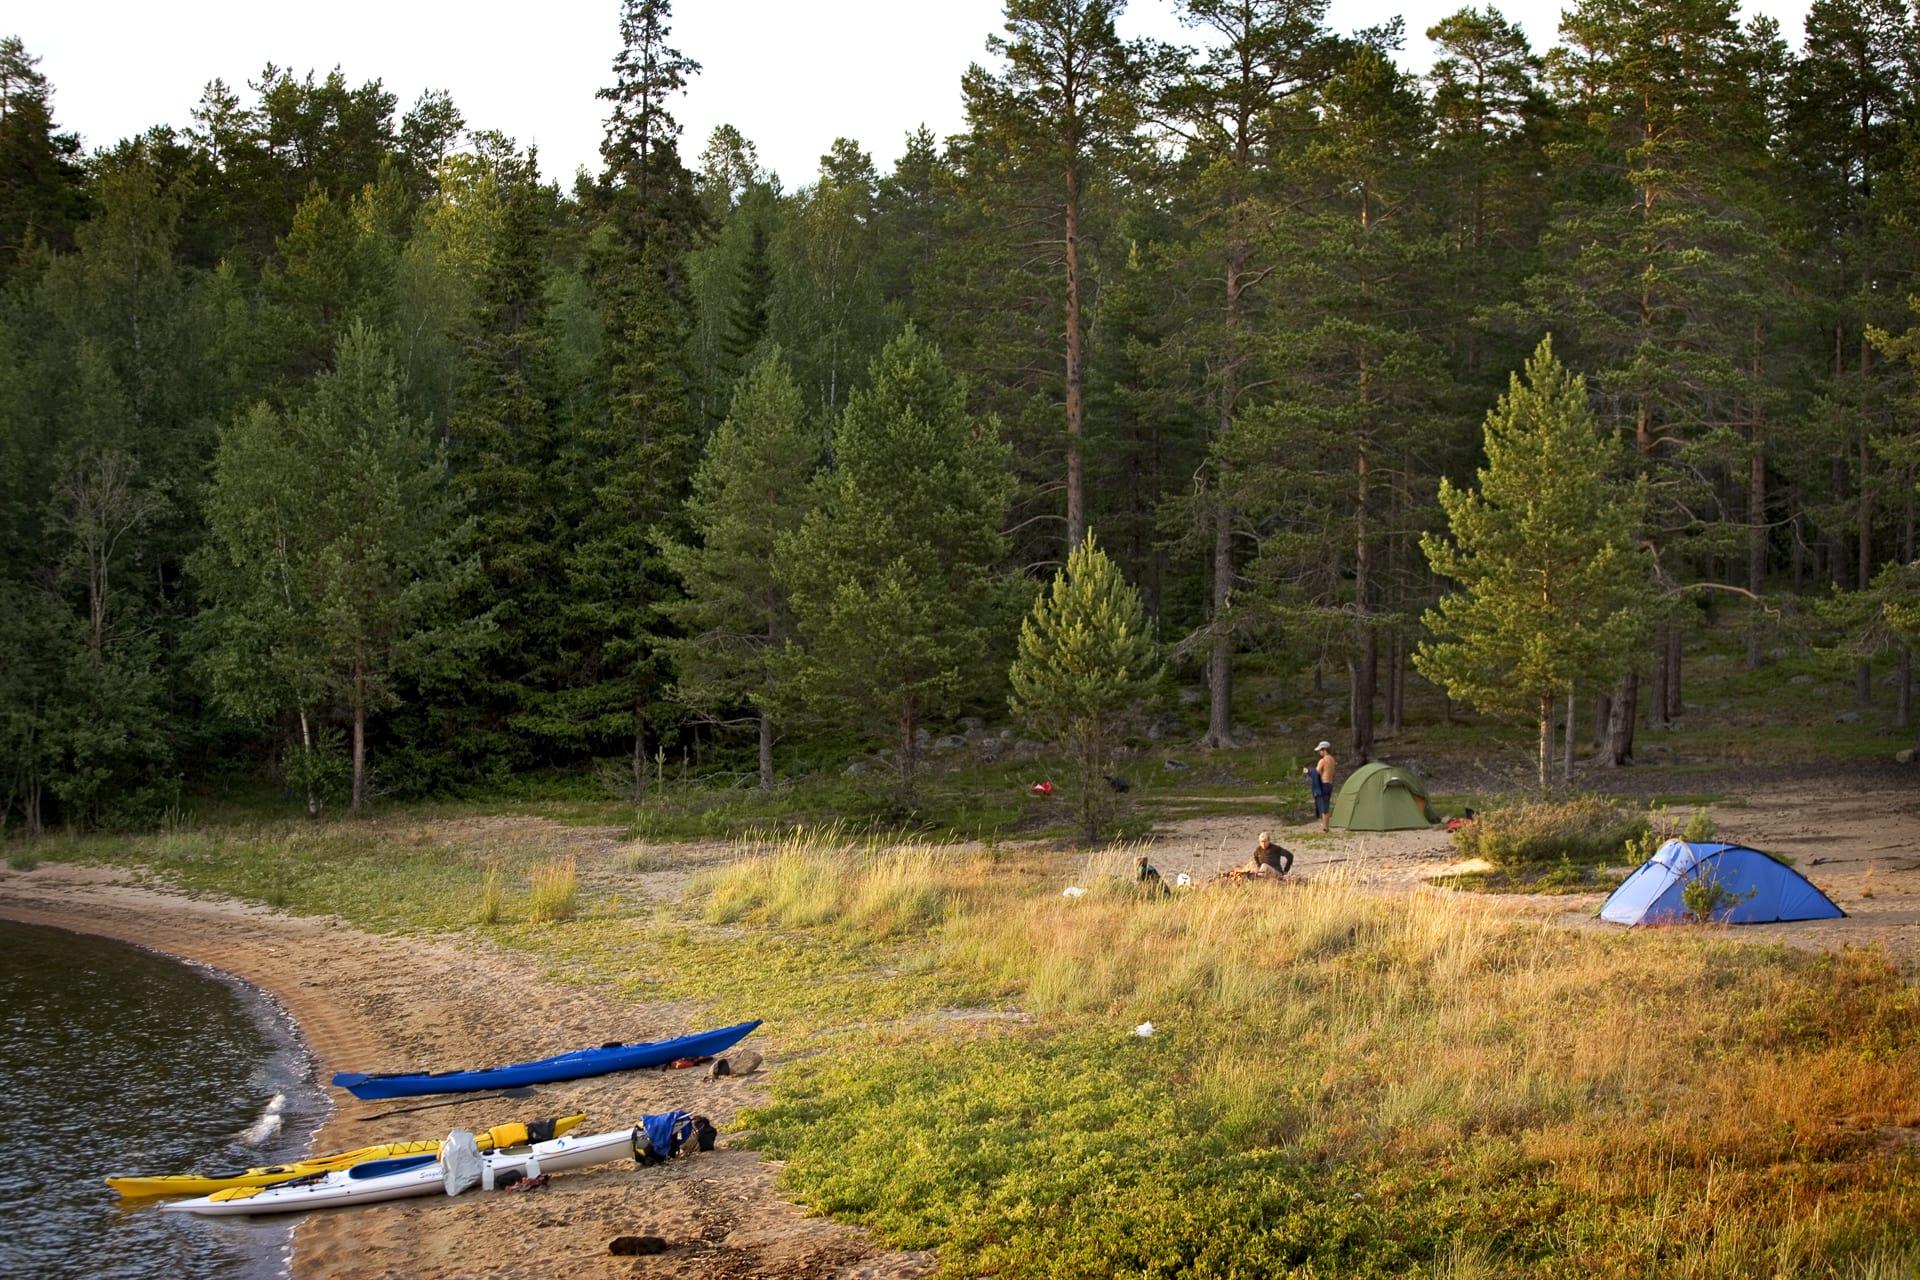 På Rövarna i norra delen av Luleå skärgård kan du ha en hel lagun för dig själv. Åtminstone kvällstid.